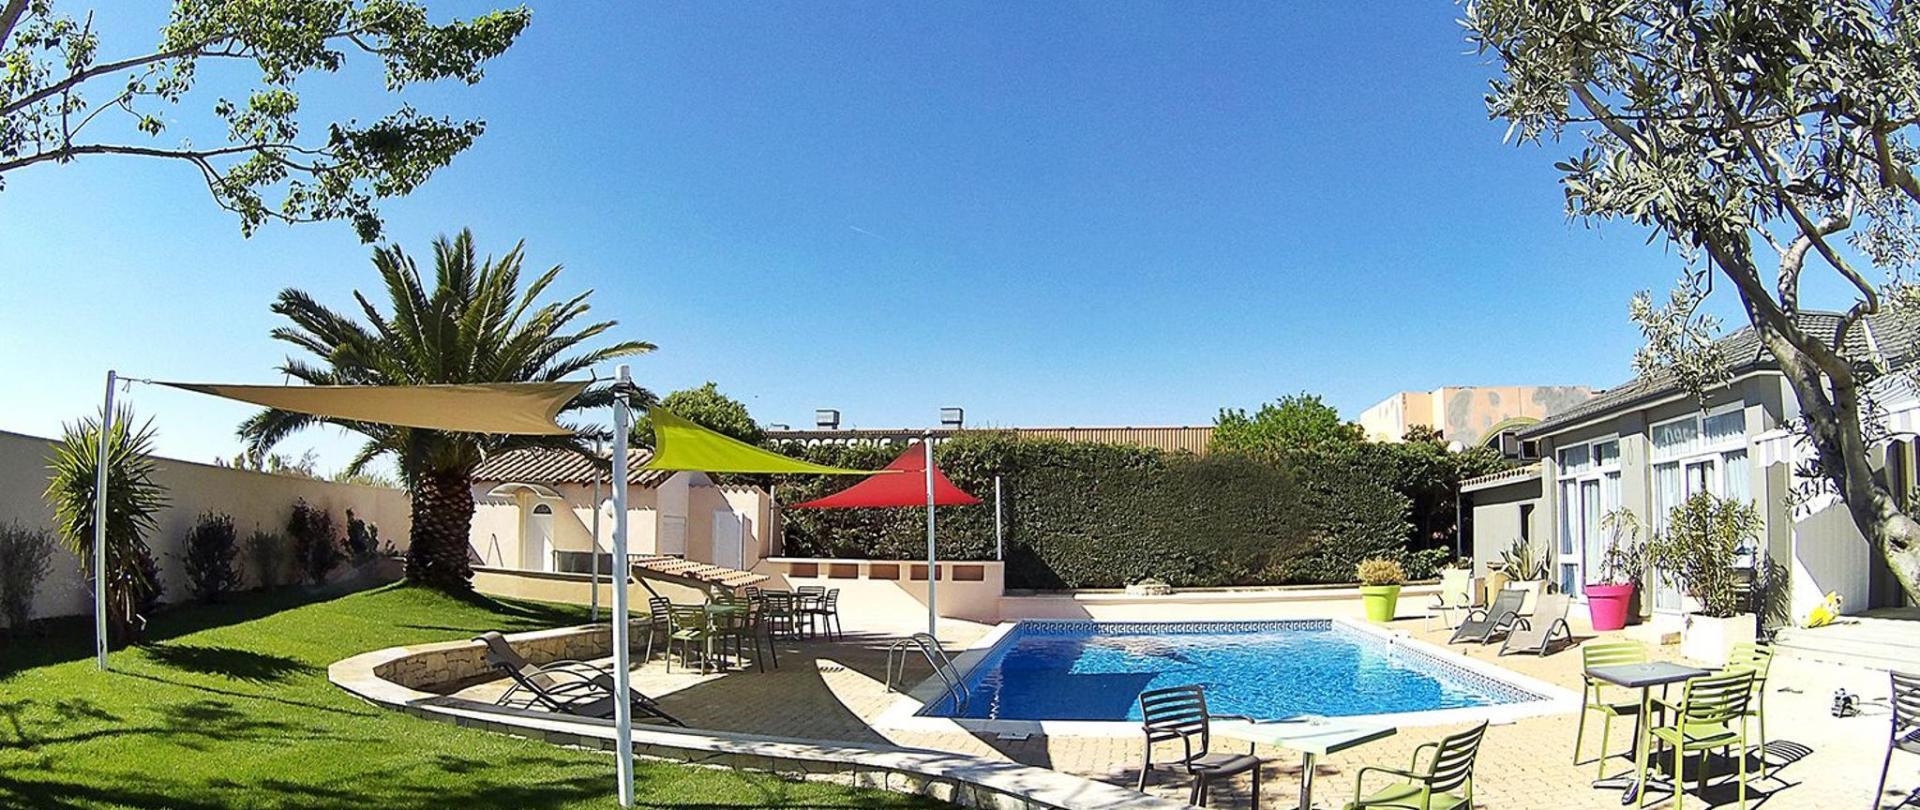 vue-ensemble-jardin-piscine.jpg